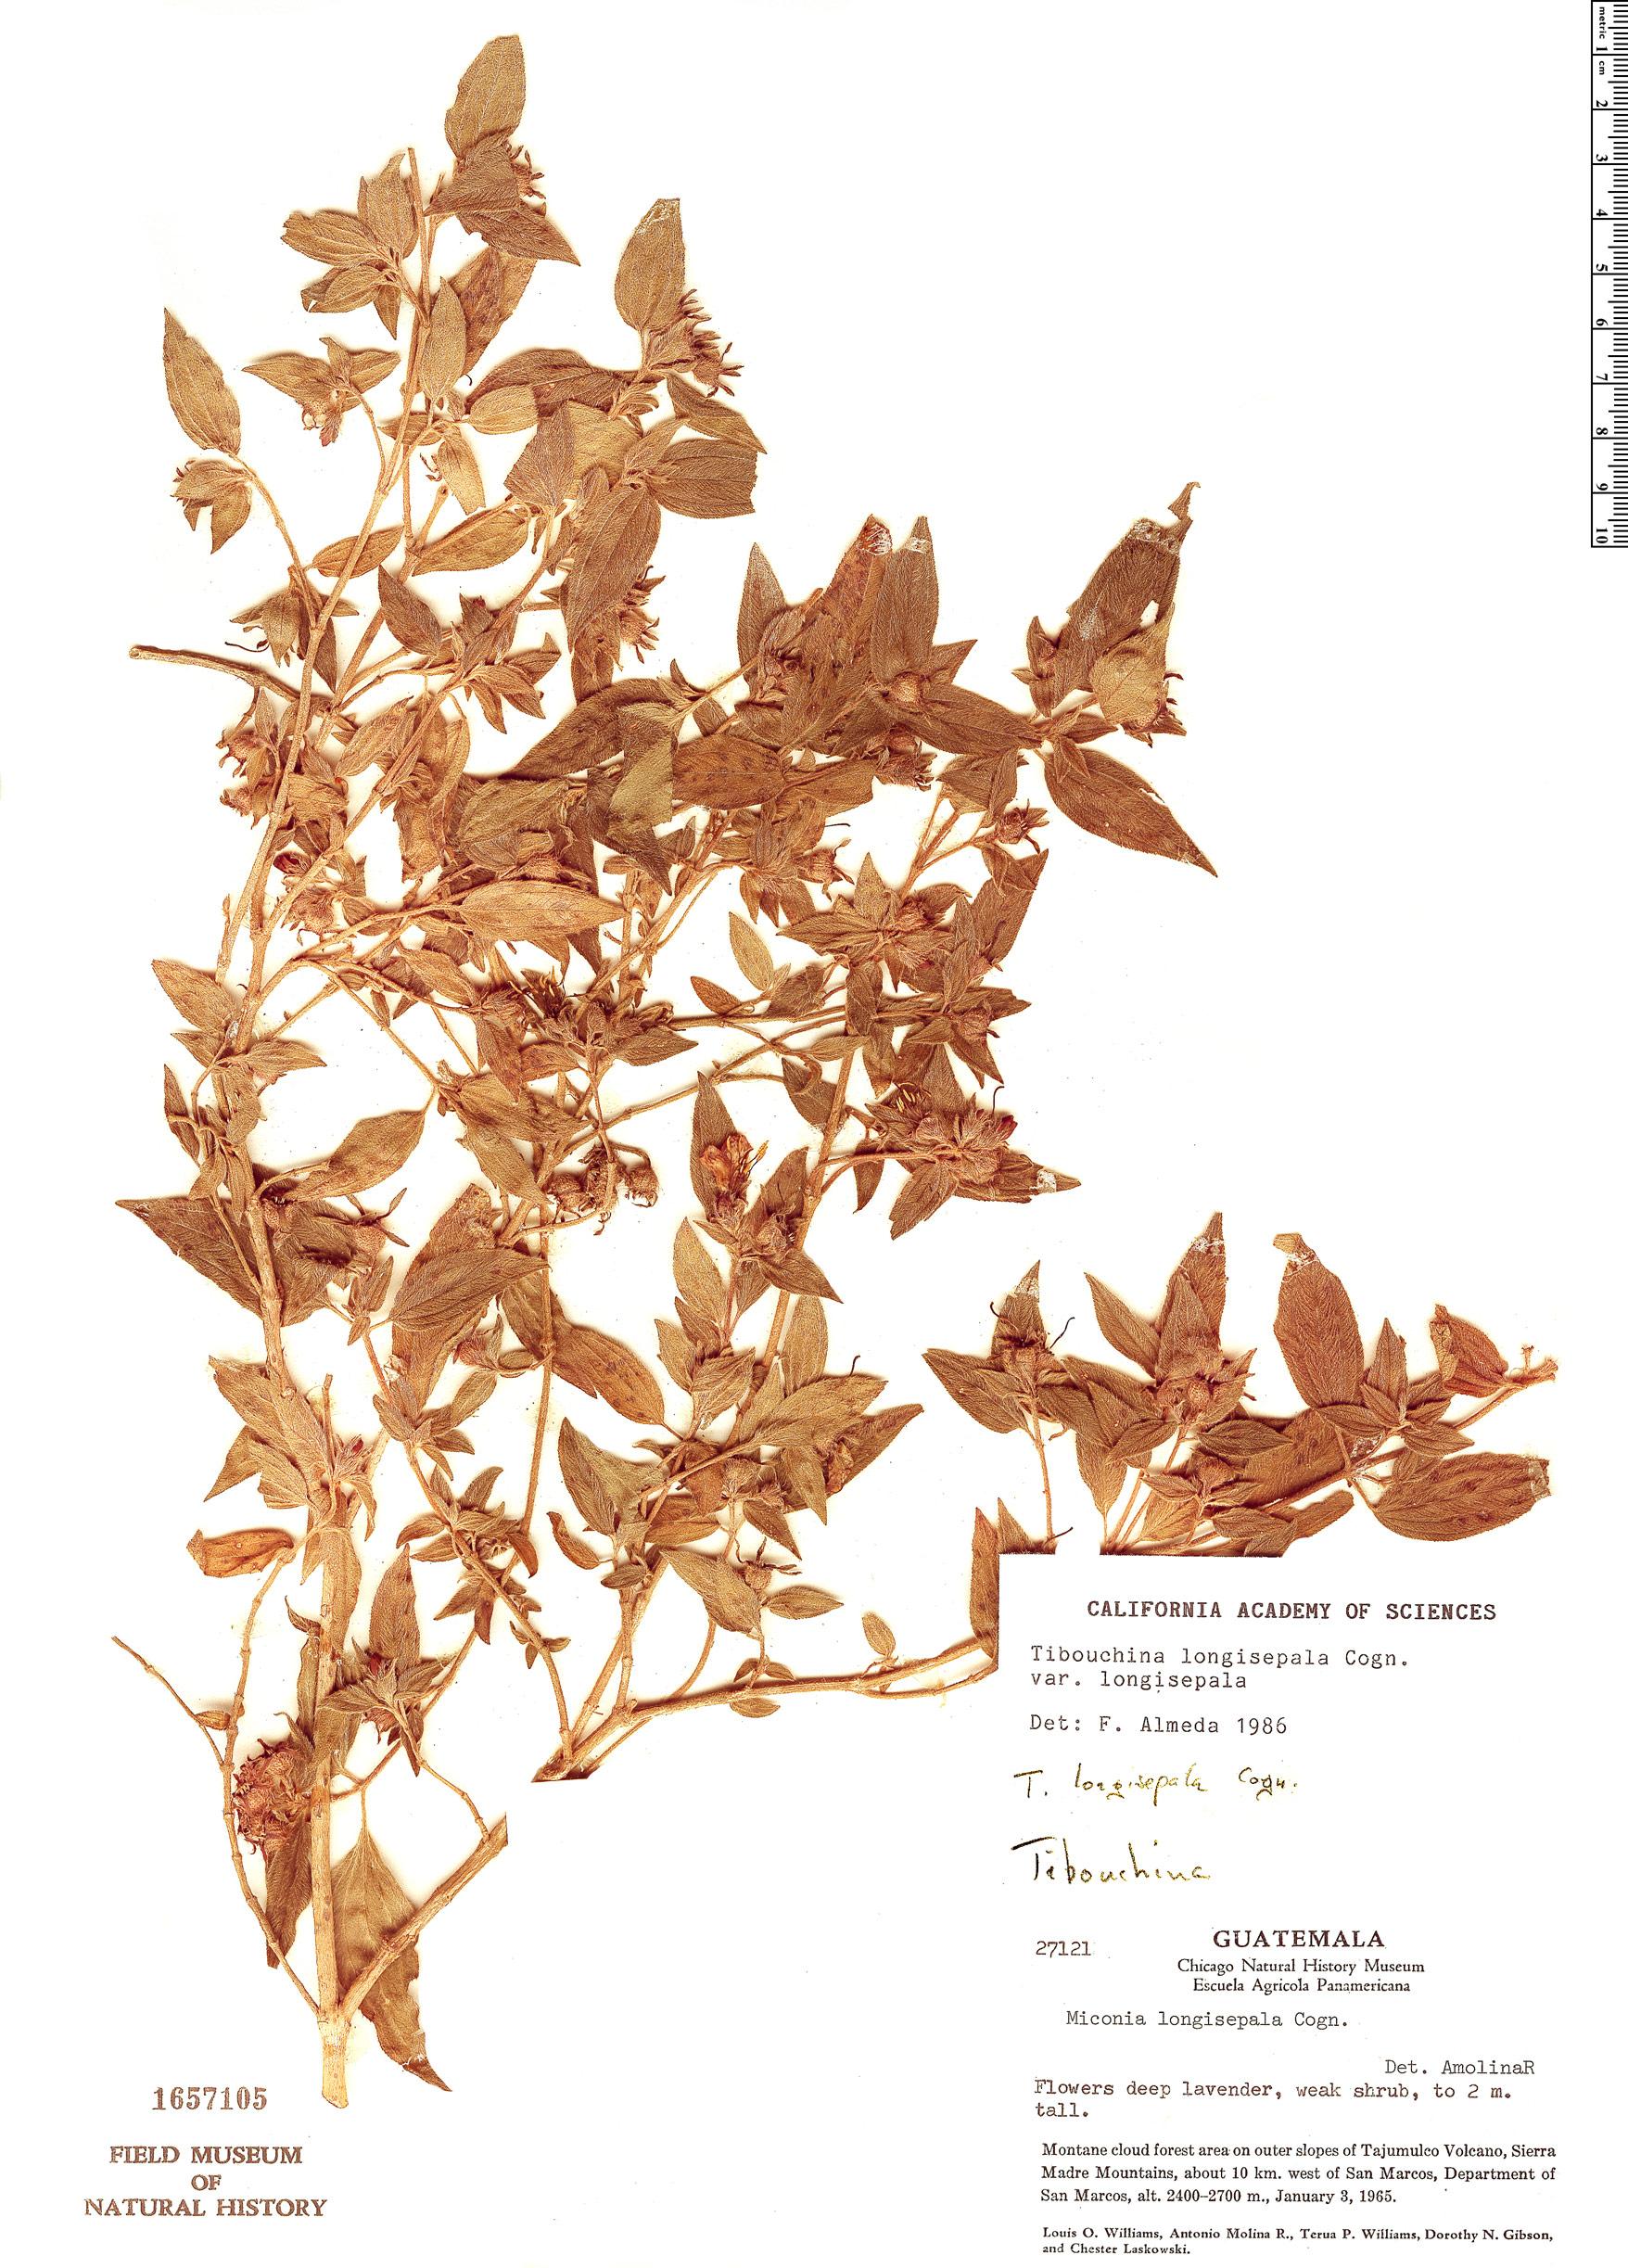 Specimen: Tibouchina longisepala